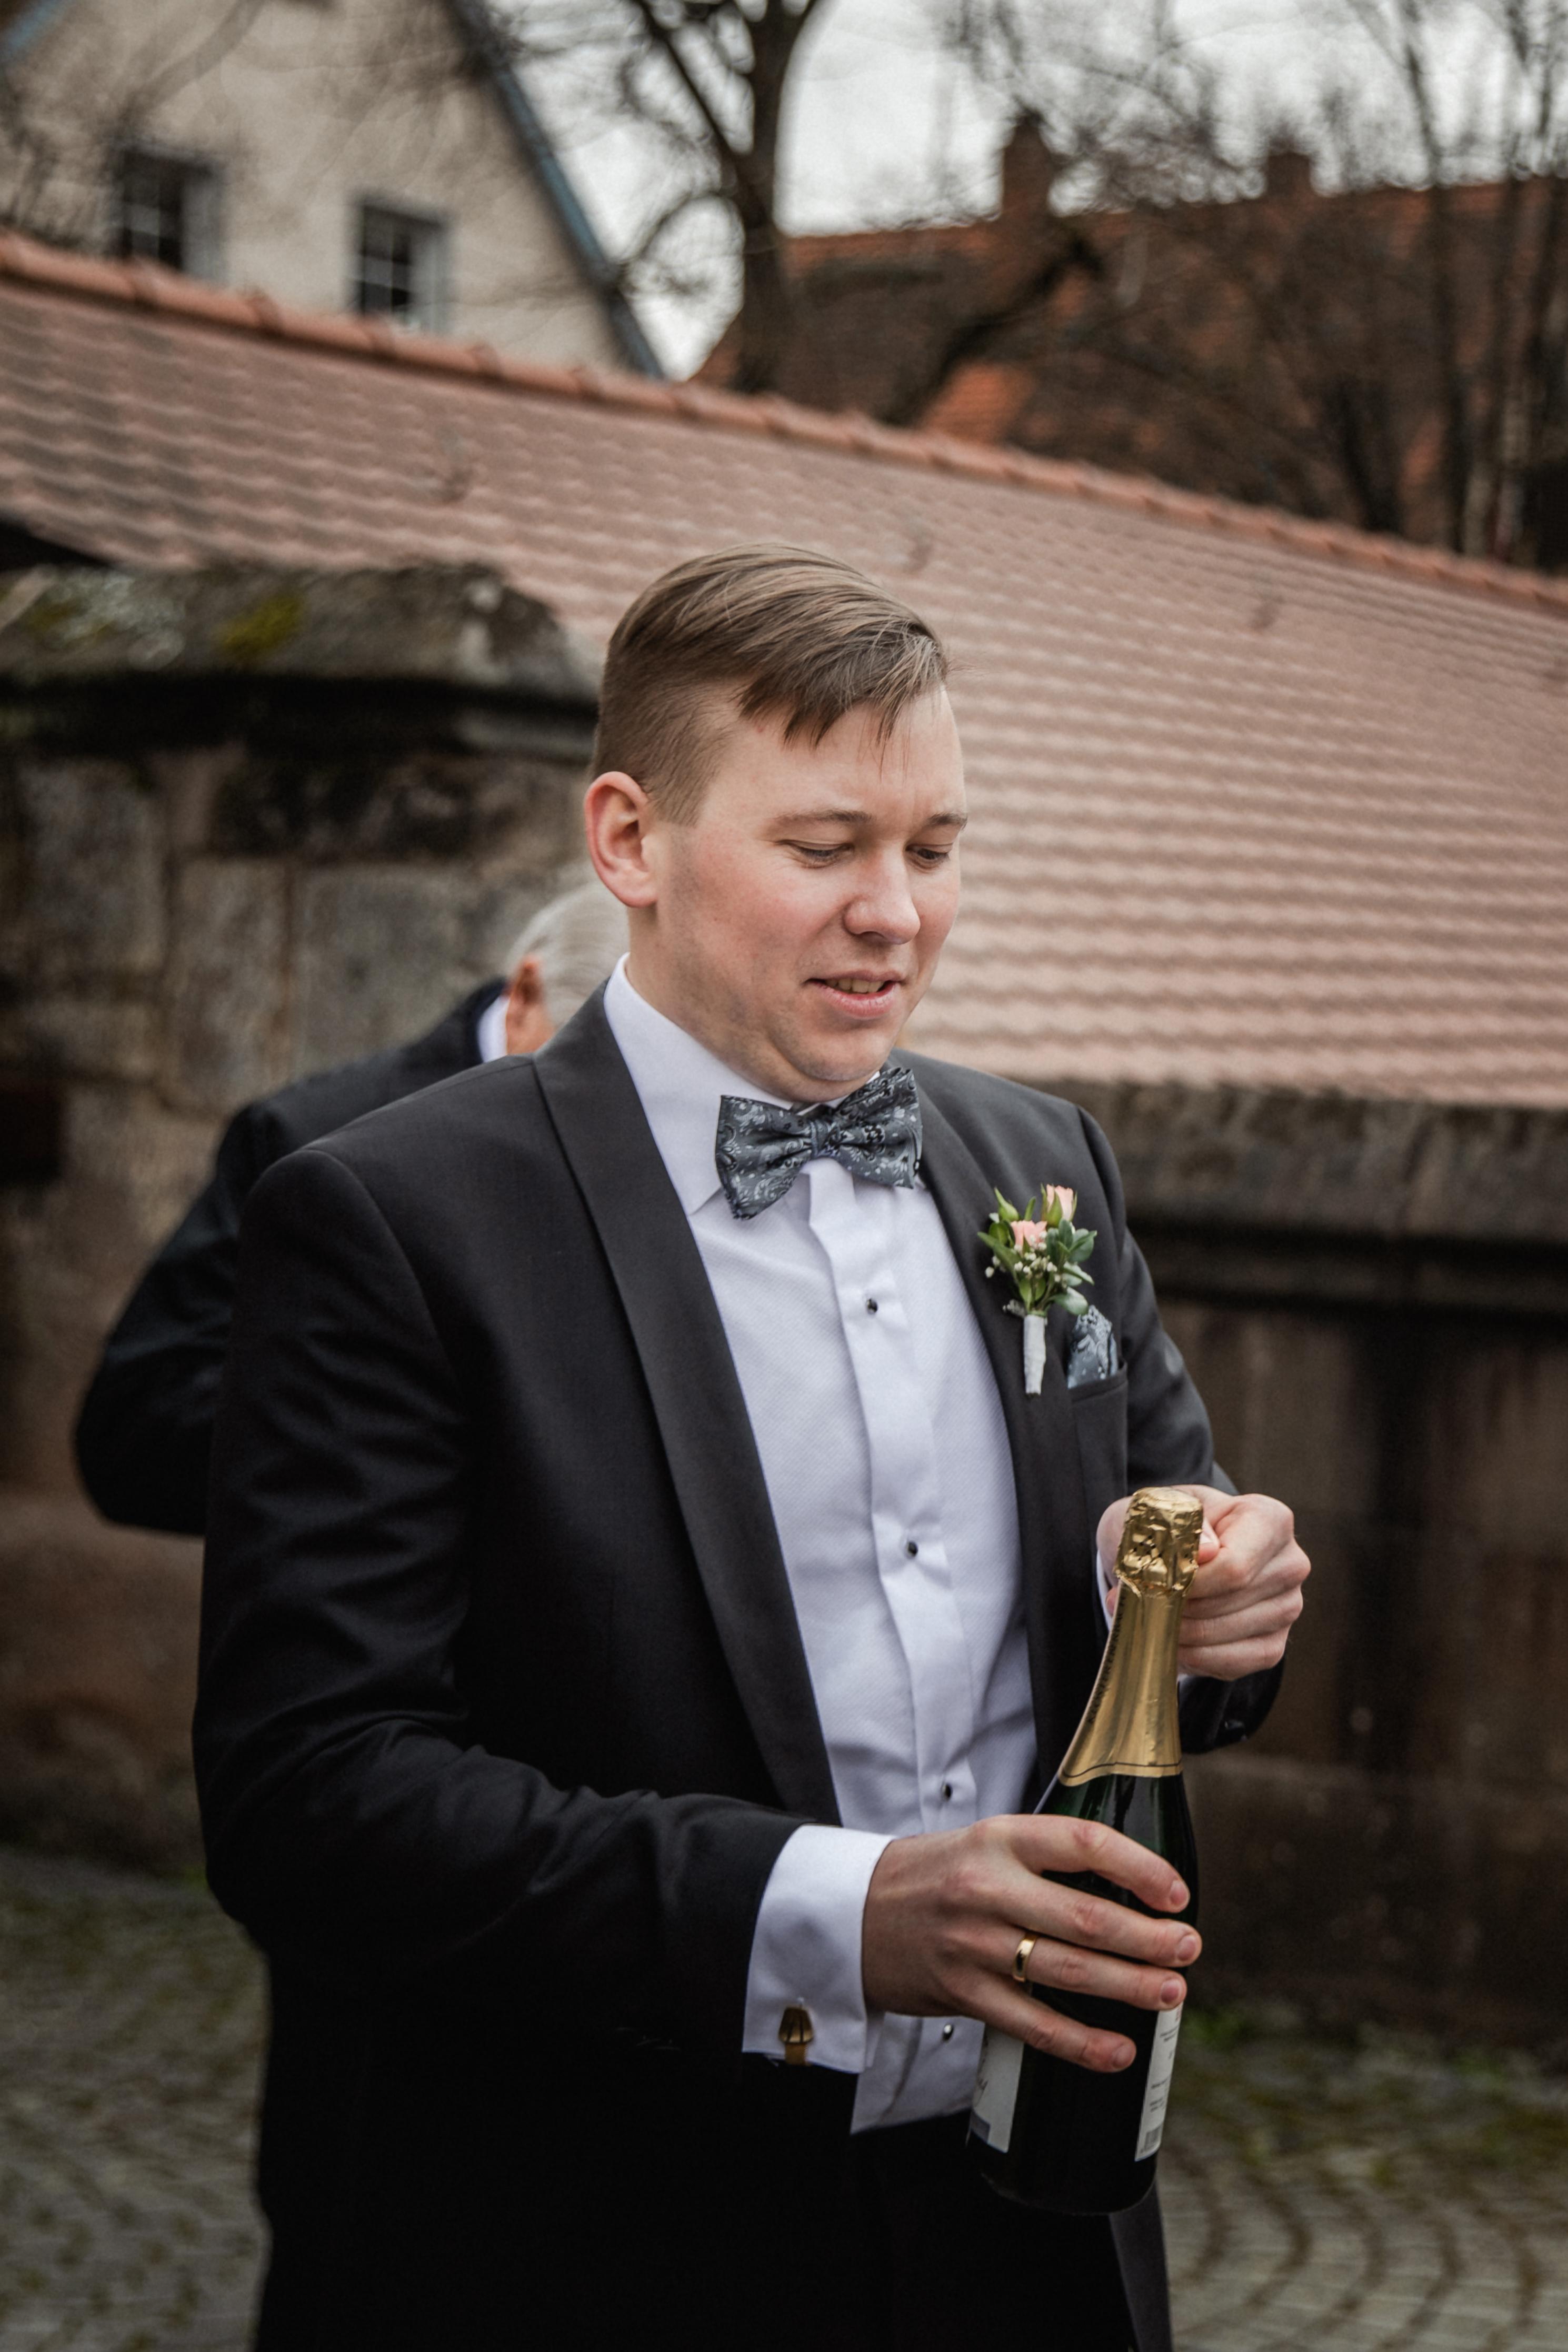 Hochzeitsfotograf-Grossgruendlach-Standesamt-Hallerschloss-Urbanerie-Stazija-und-Michael-052